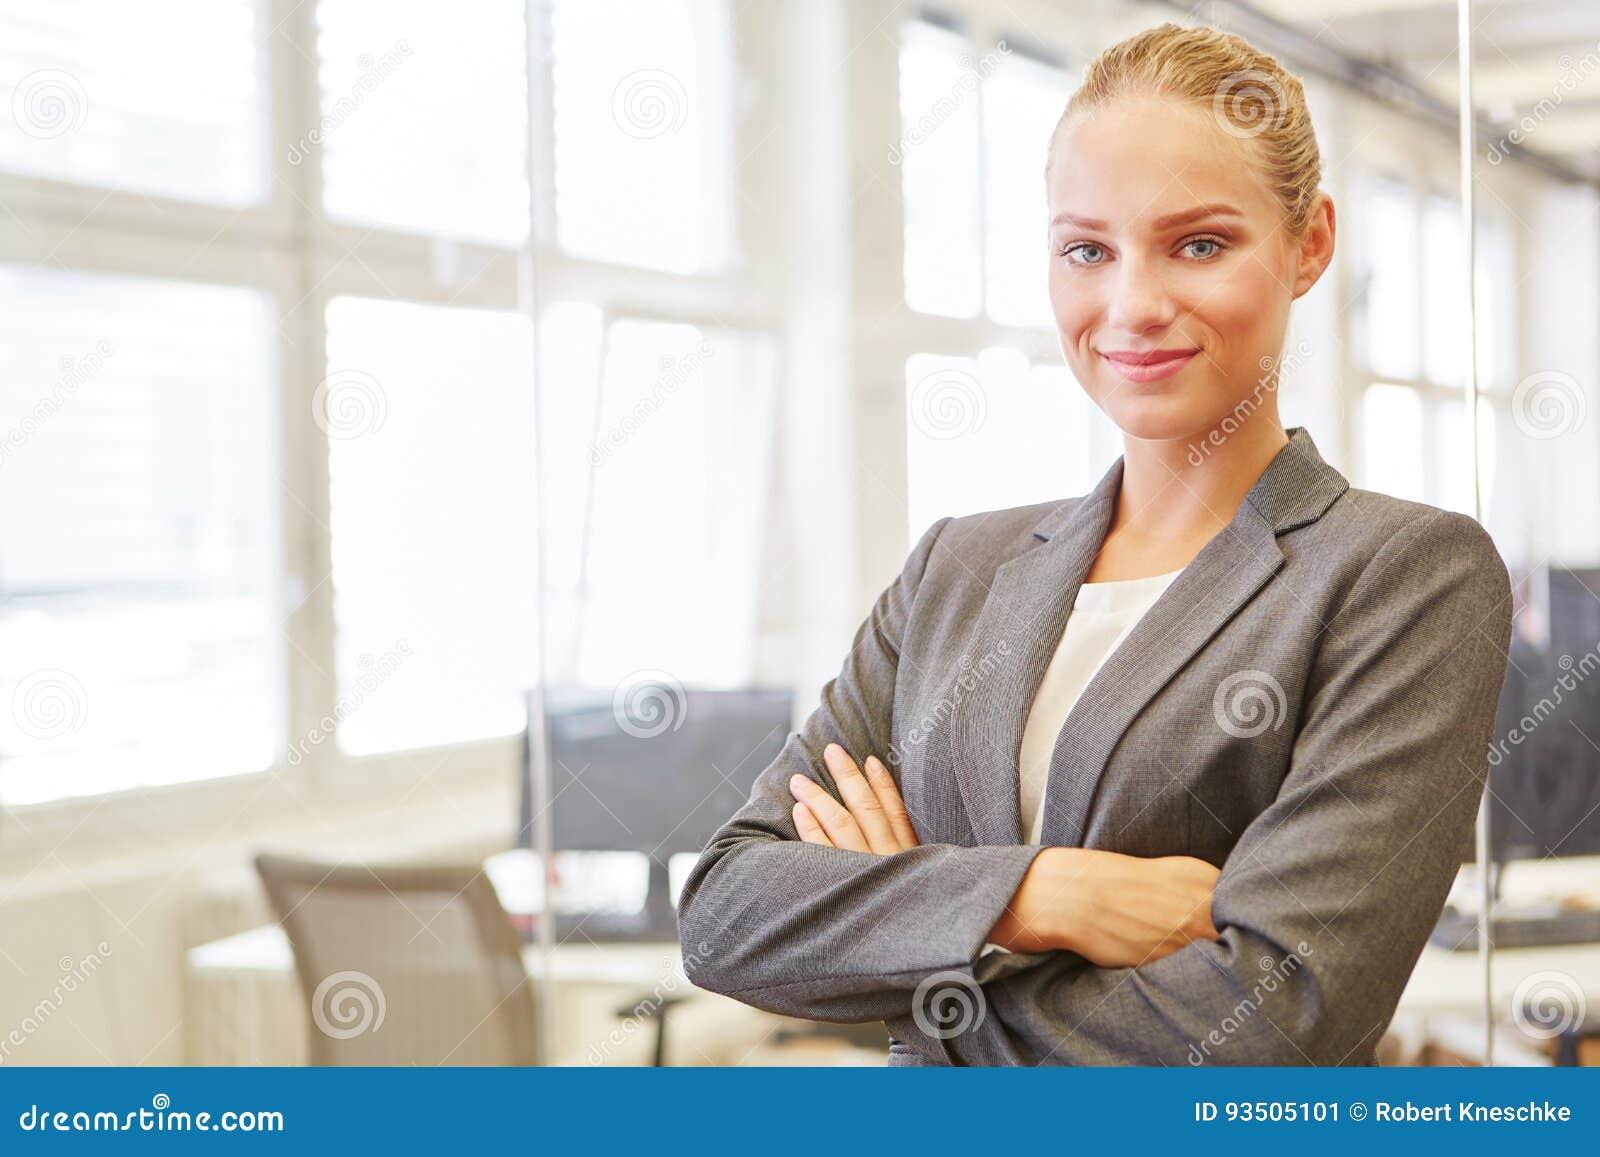 Jonge vrouw als zelf zekere handelsadviseur